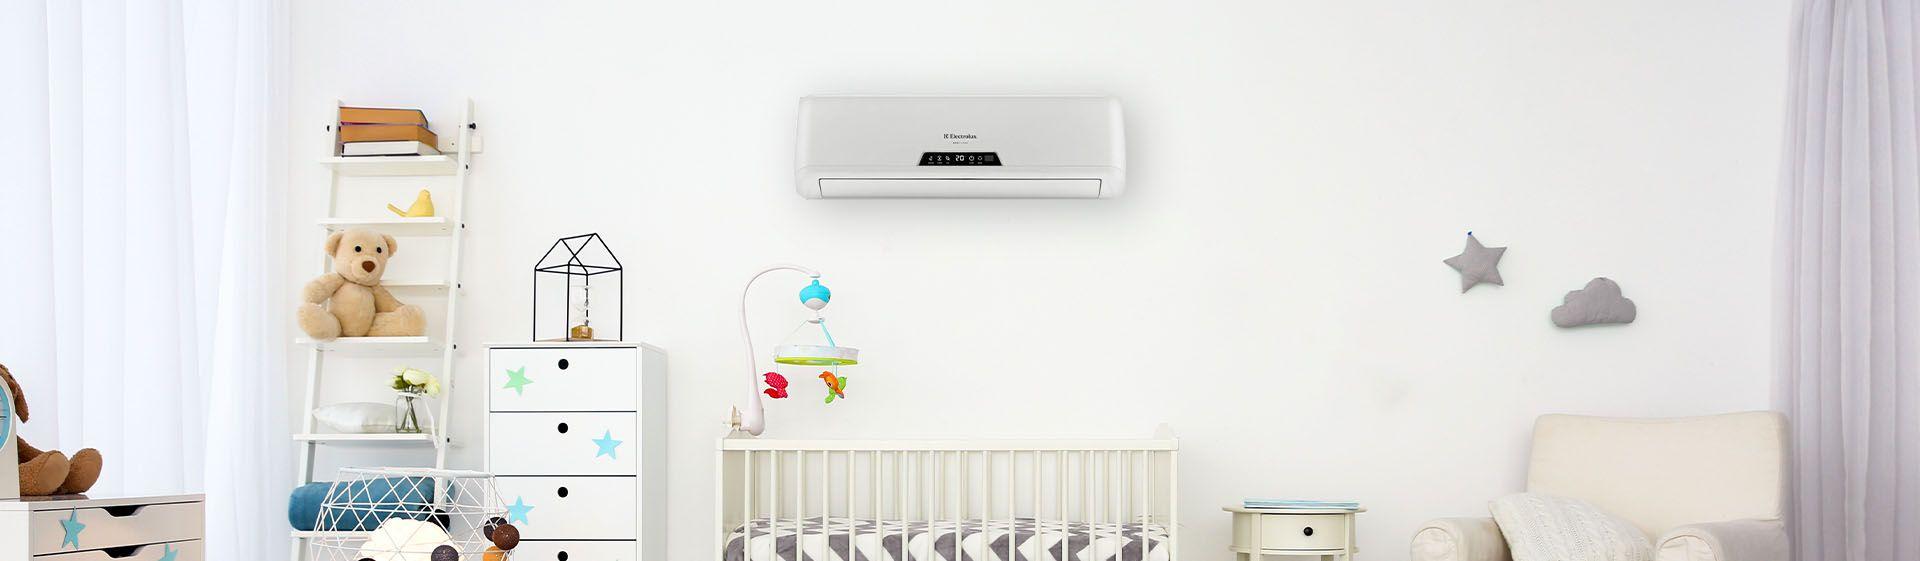 Melhor ar-condicionado para quarto de bebê